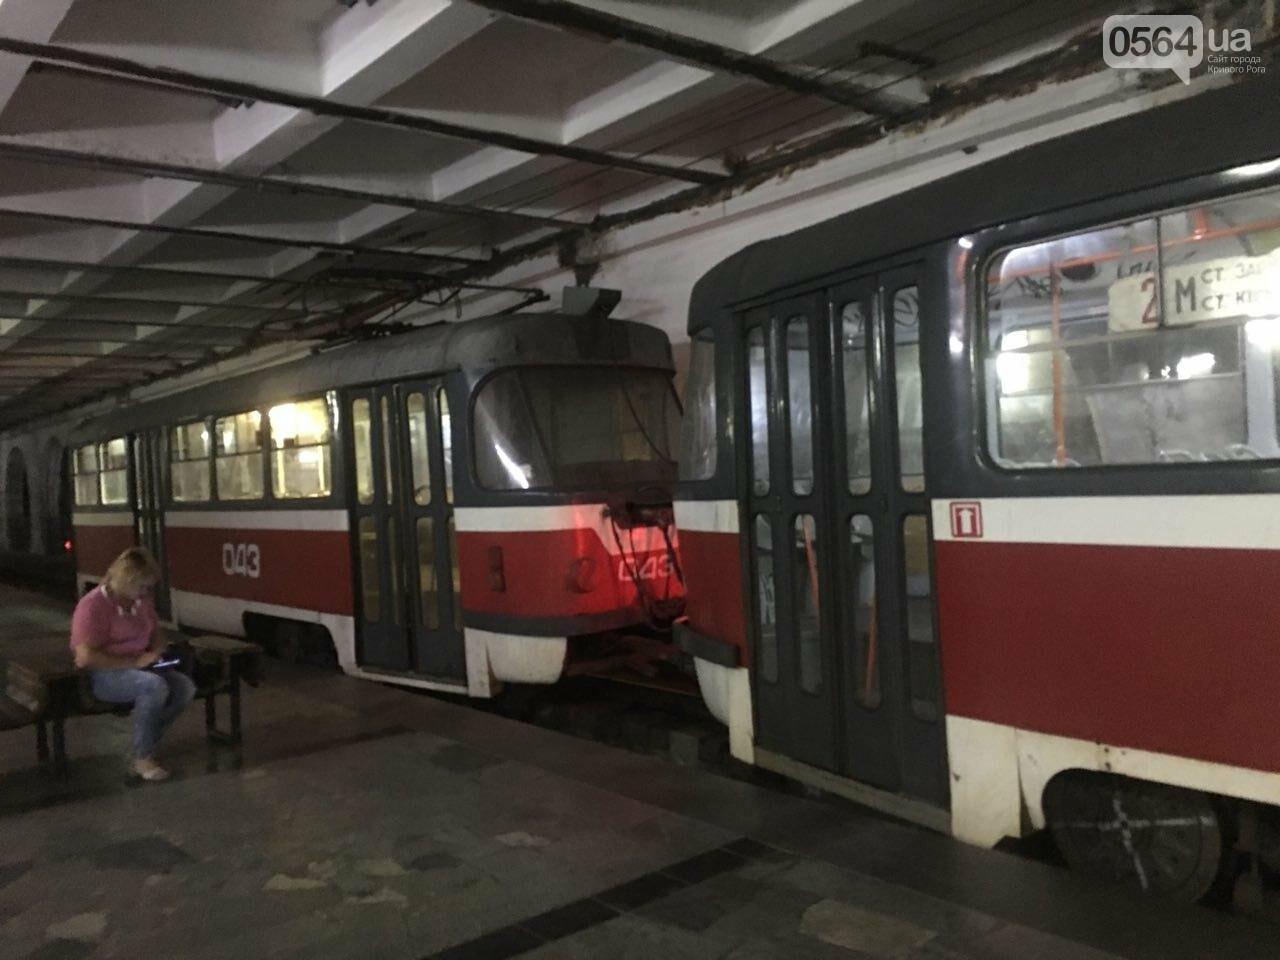 Ни дня без поломки: Маршрут скоростного трамвая снова заблокировали неисправные вагоны, - ФОТО, фото-1